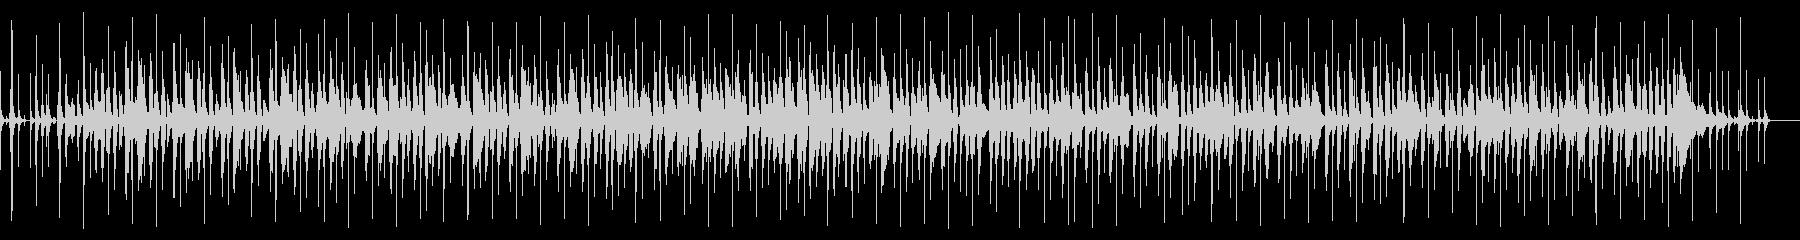 アコースティックなレゲエポップスの未再生の波形